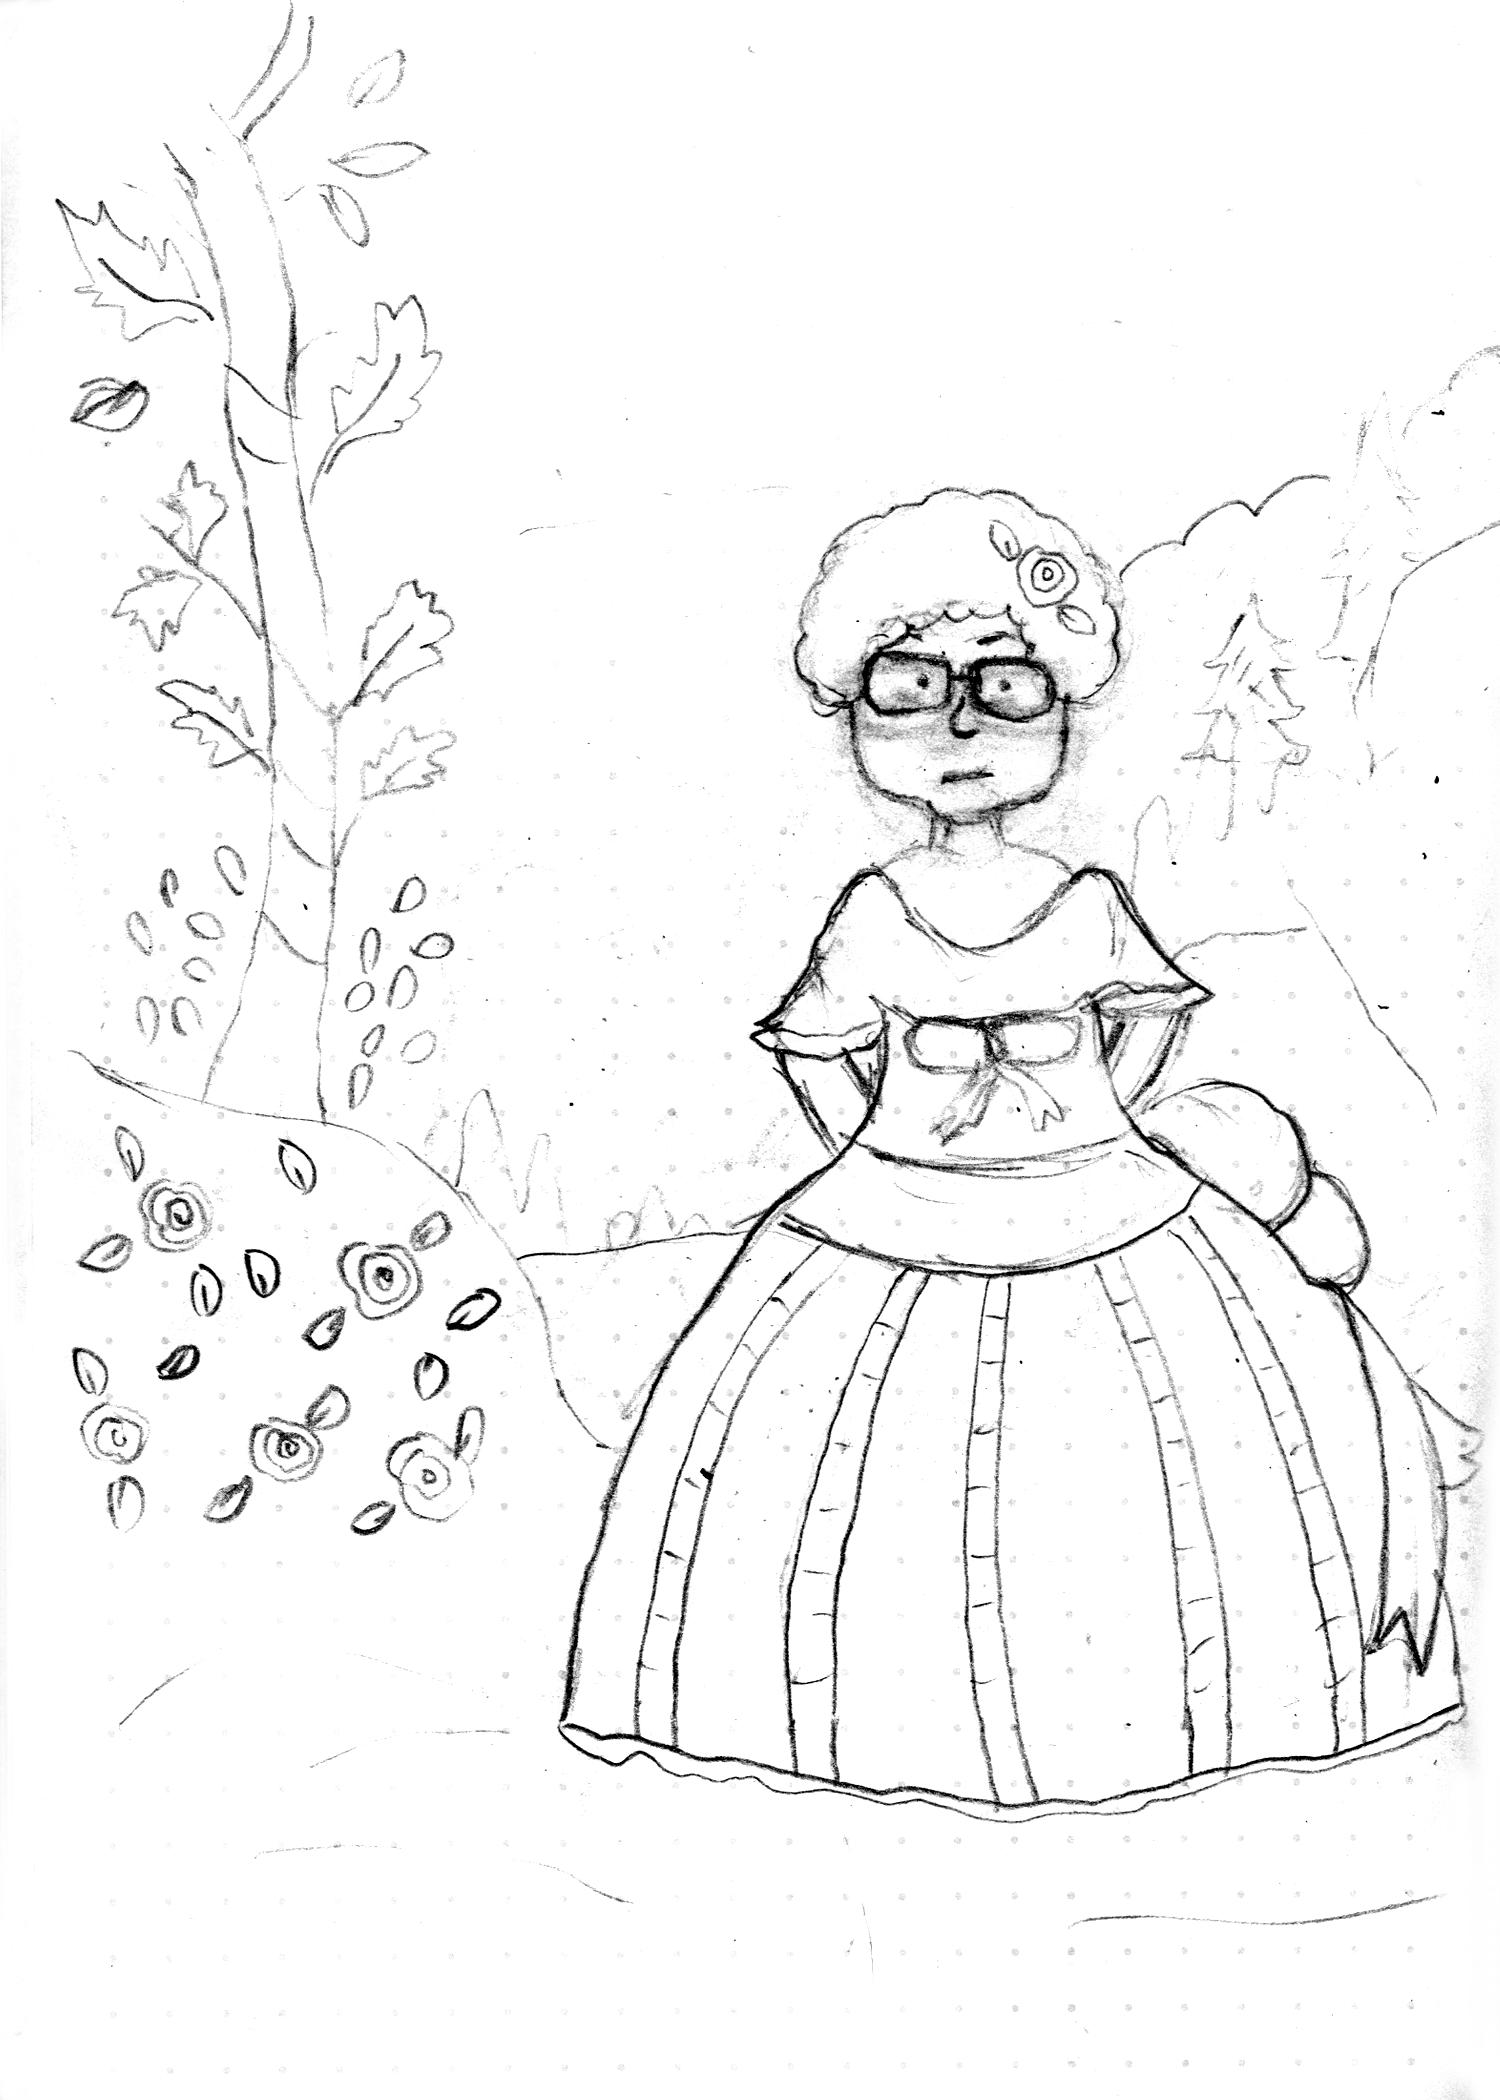 Sophia-Sketch